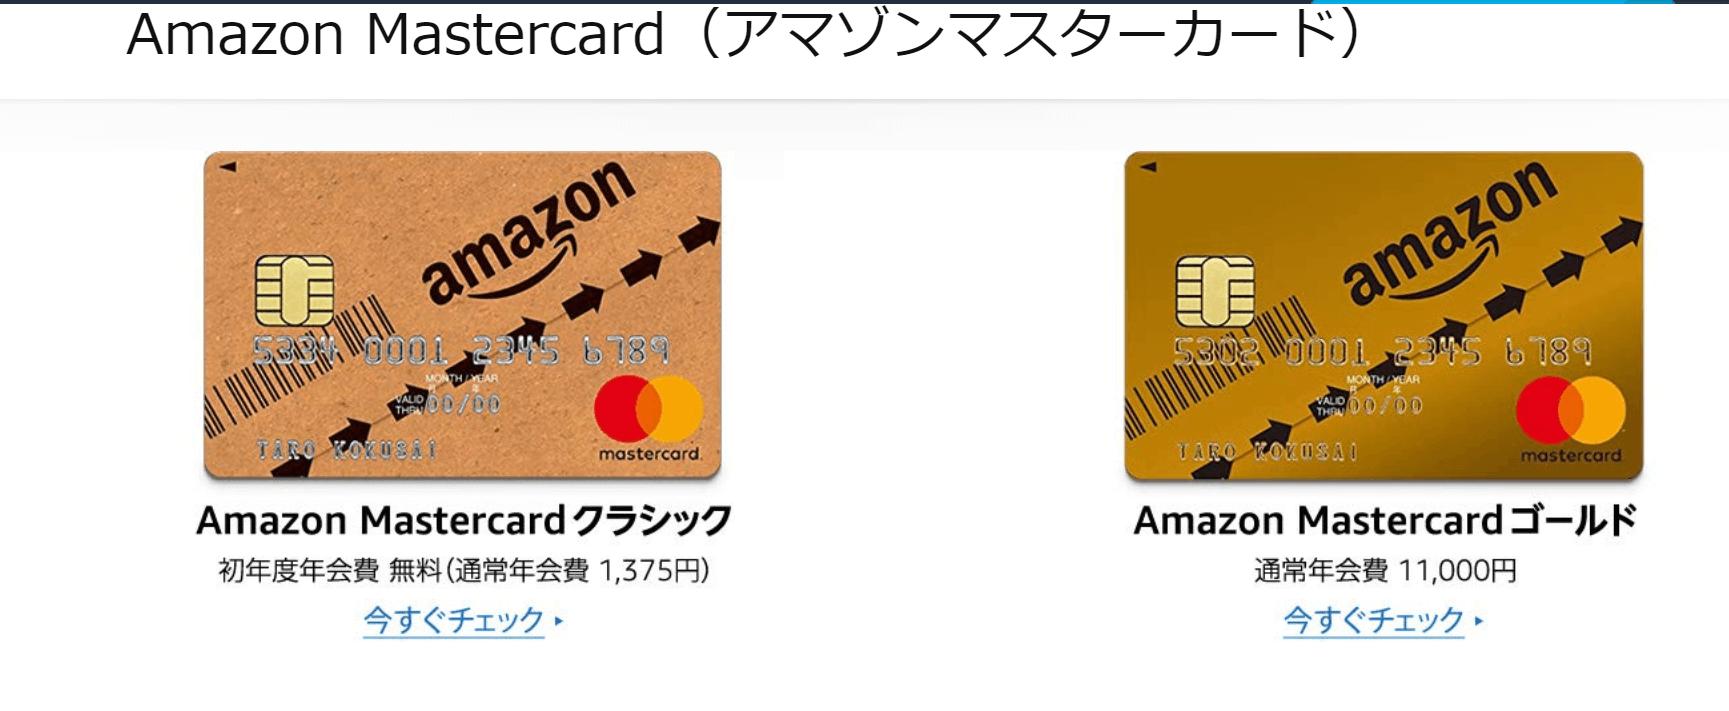 Amazonカードだとポイントが貯まる